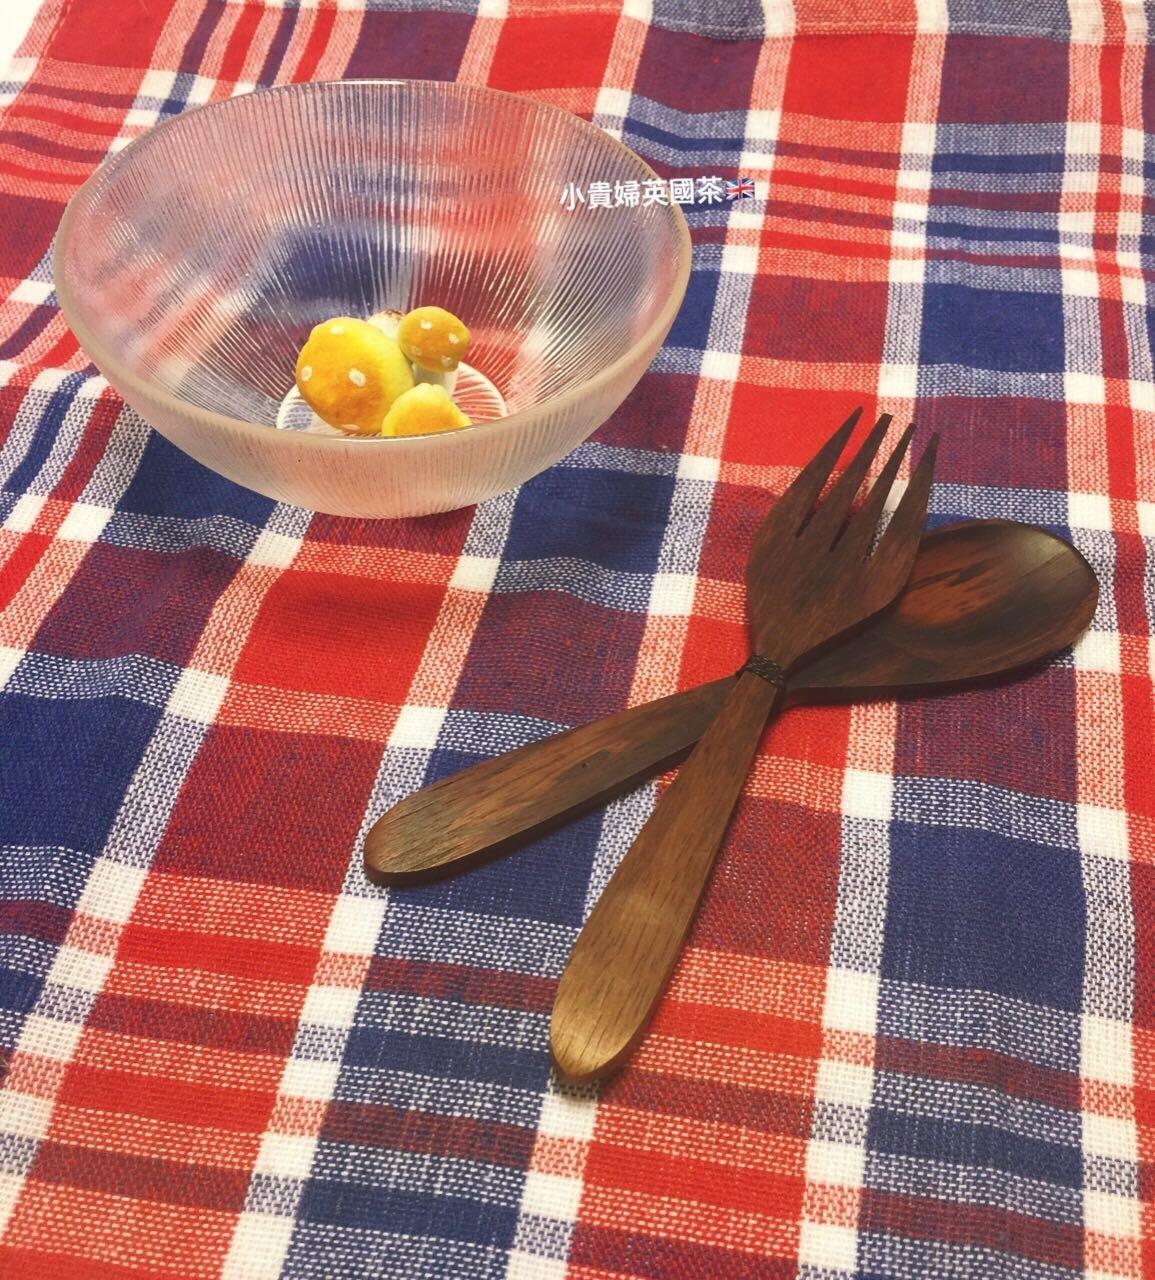 {小貴婦英國茶}日式和風雜貨立體直條紋,直線條,玻璃沙拉碗,醬汁碗,廚房餐具